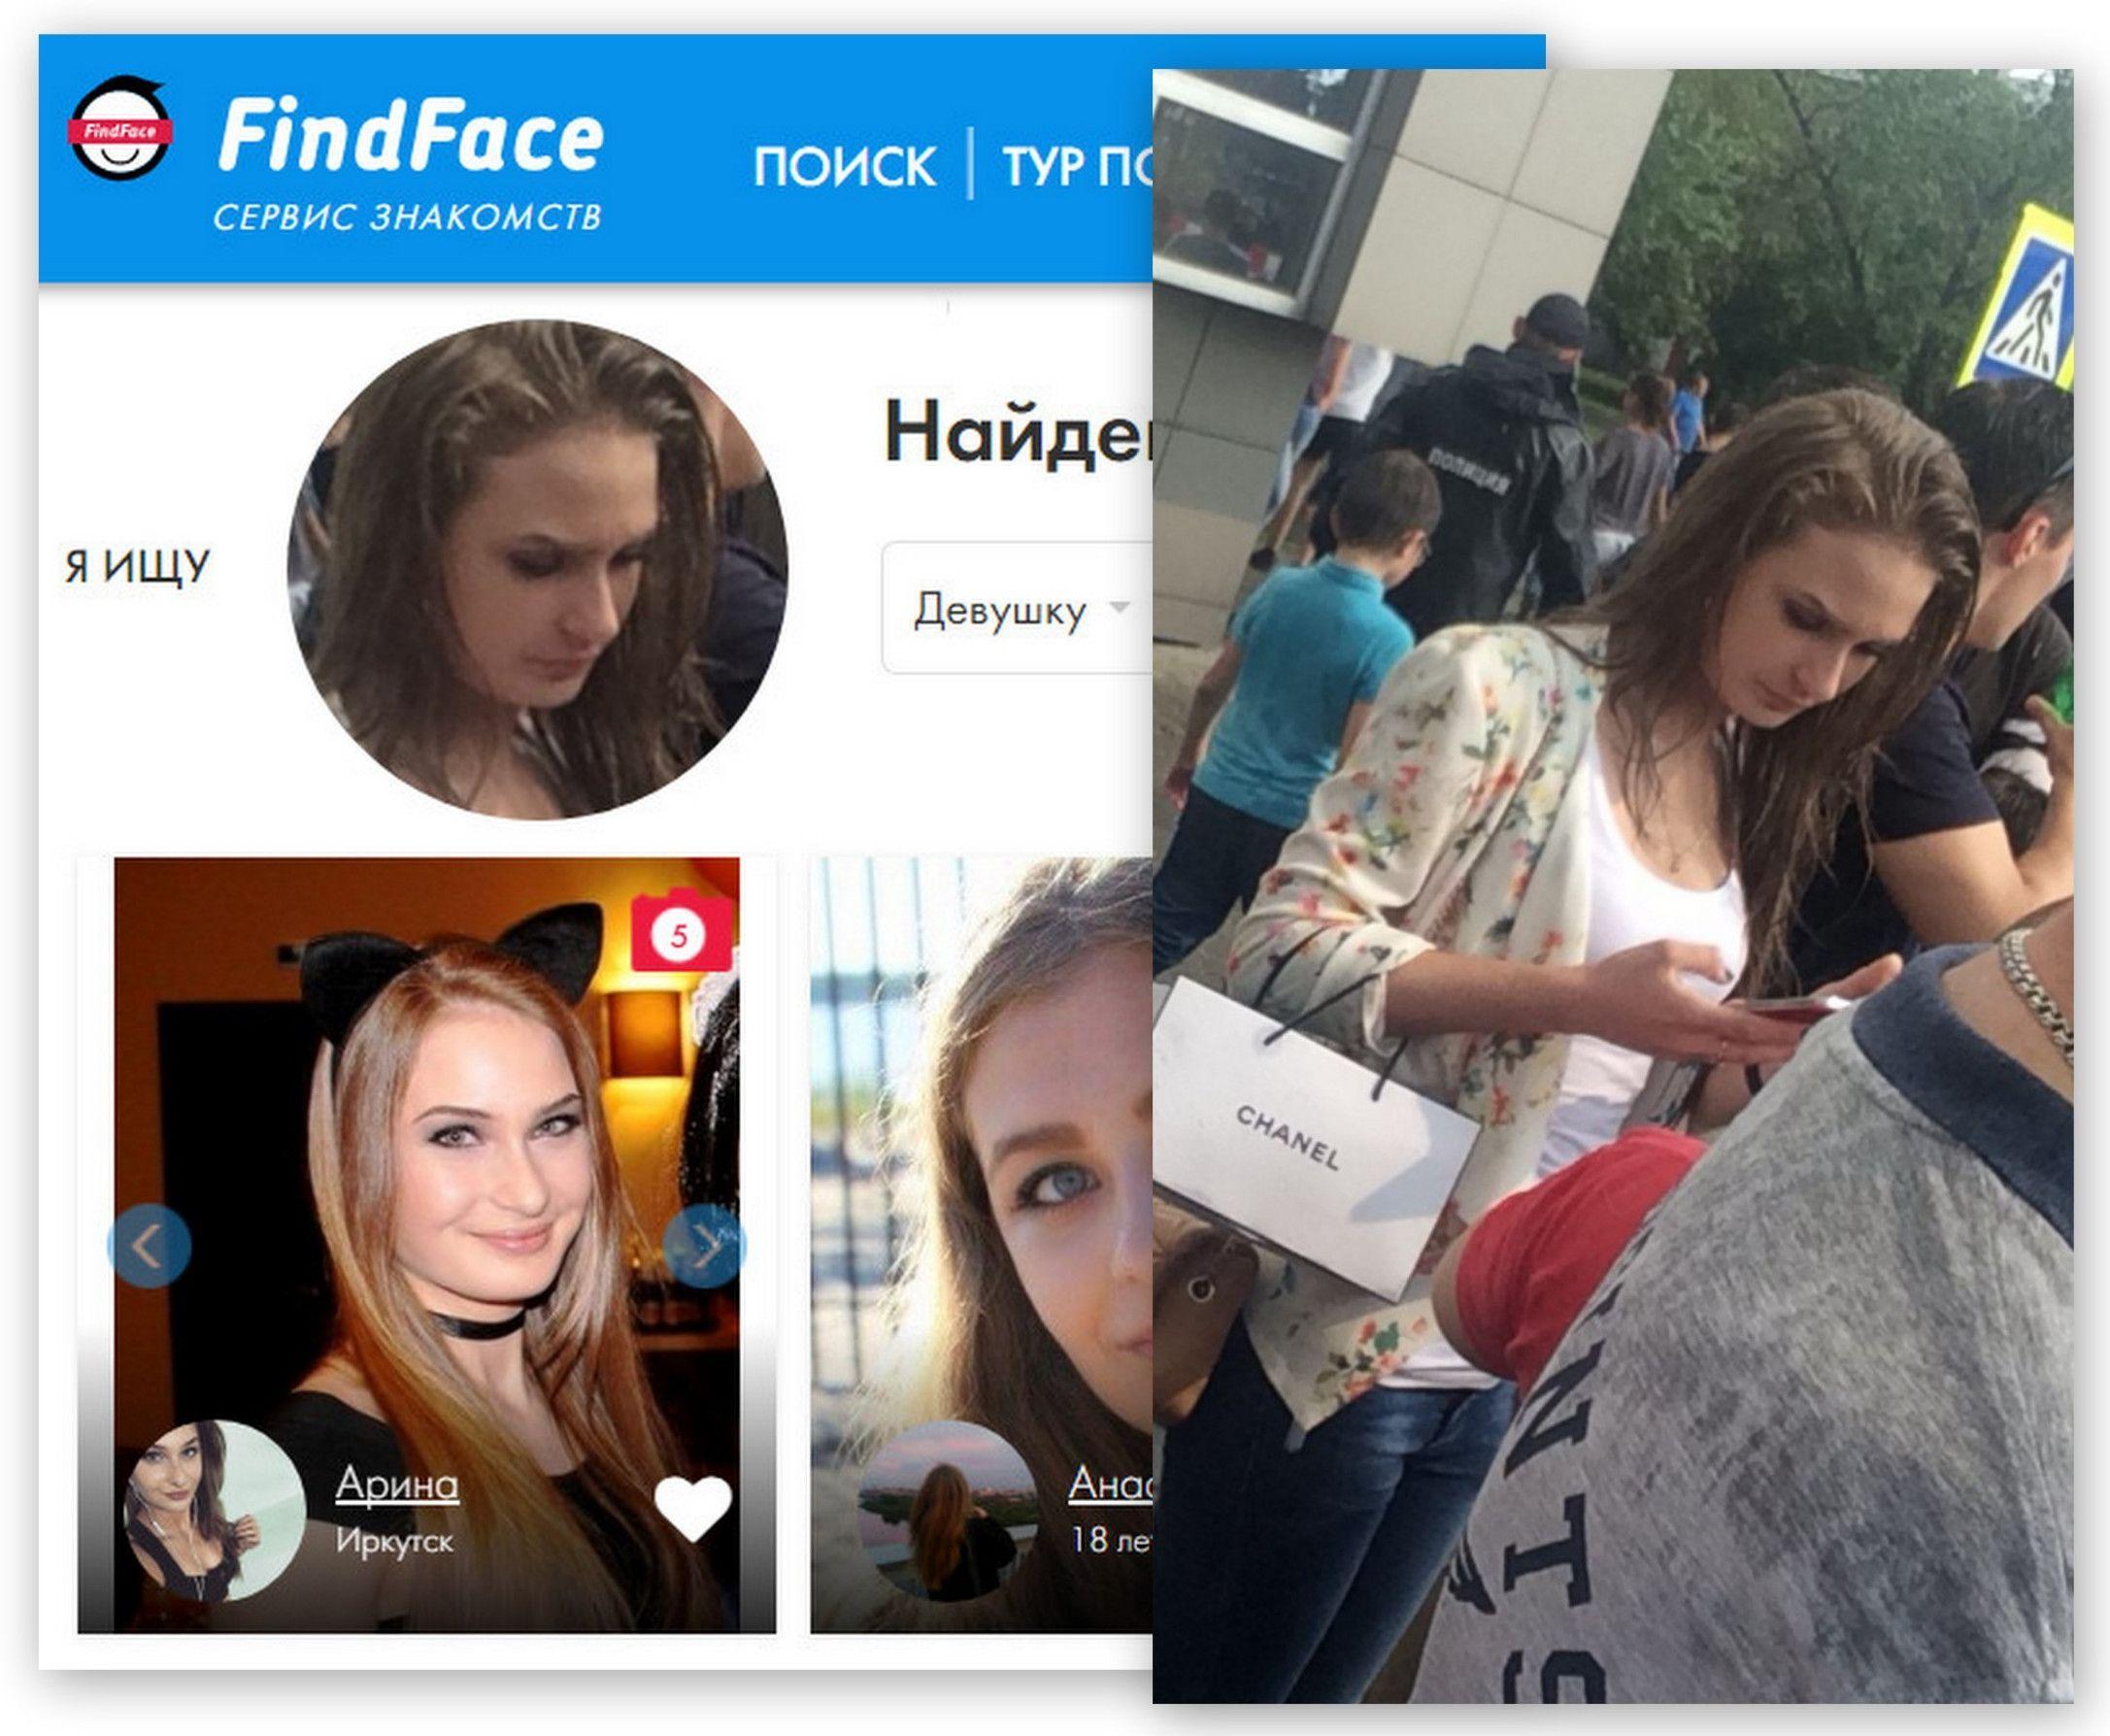 Vk.com знакомства в иркутске знакомства мужчины волгоград обсуждение